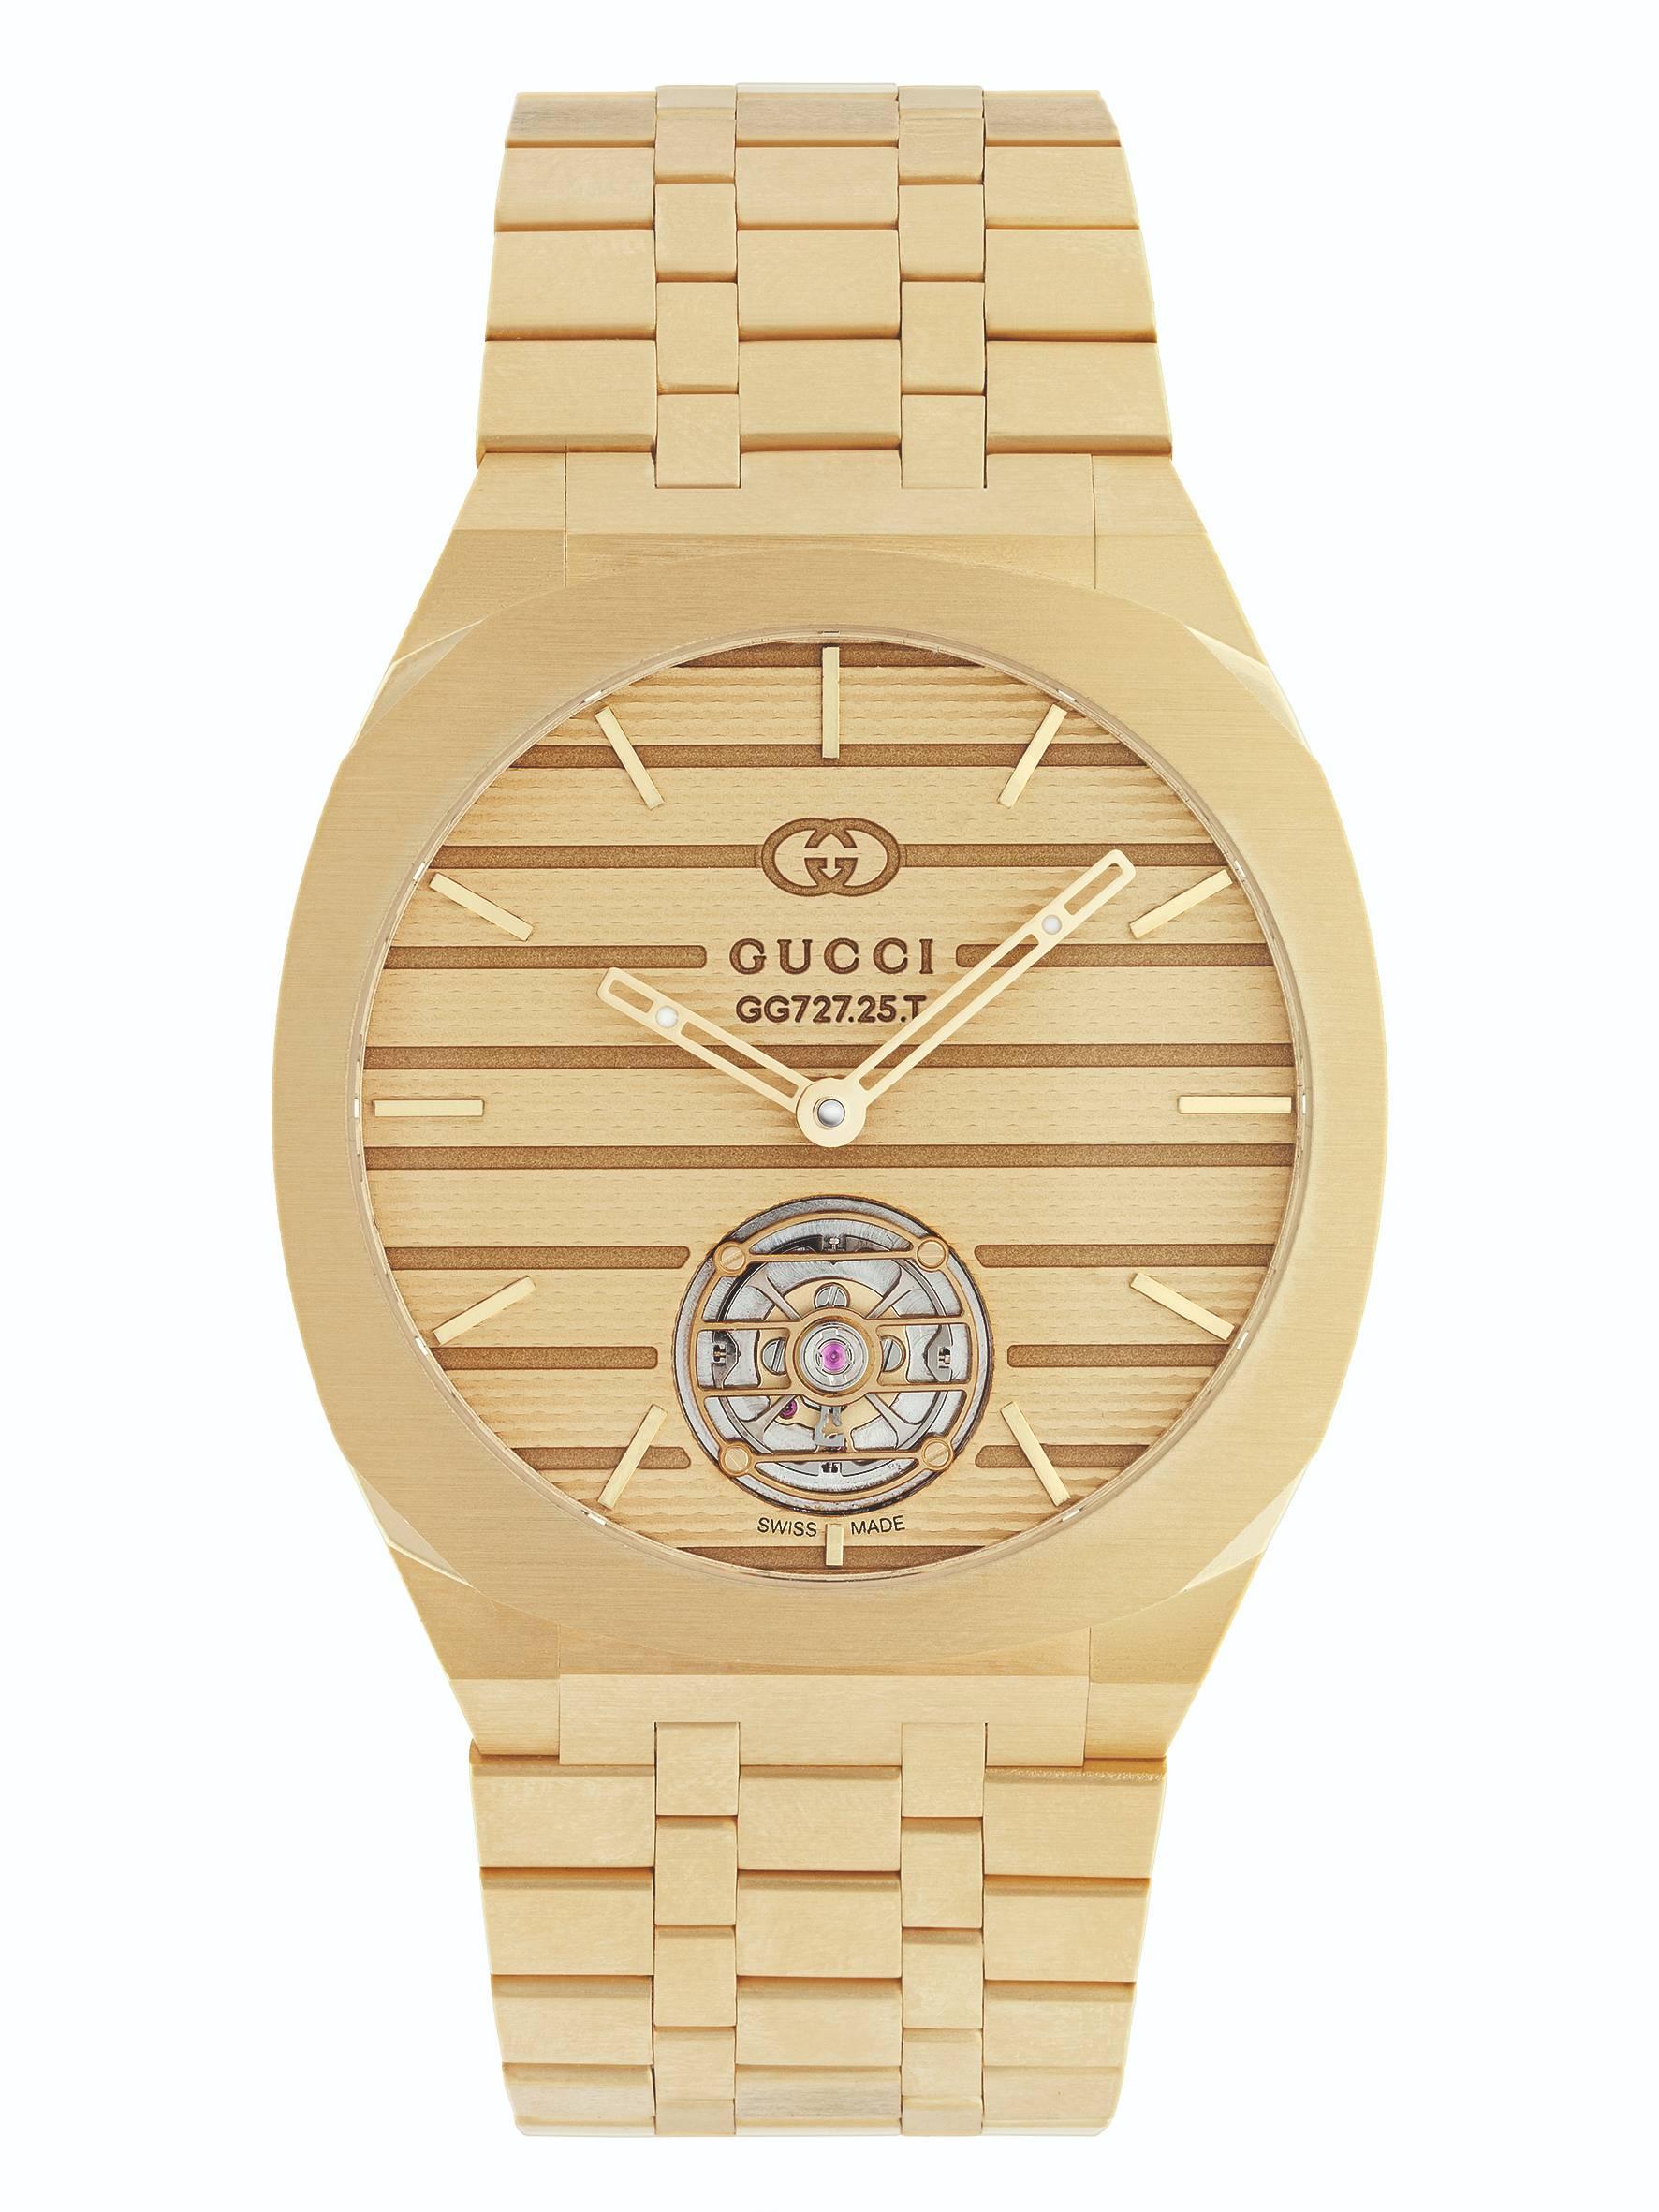 Gucci festeggia i suoi 100 anni con il debutto nell'alta orologeria